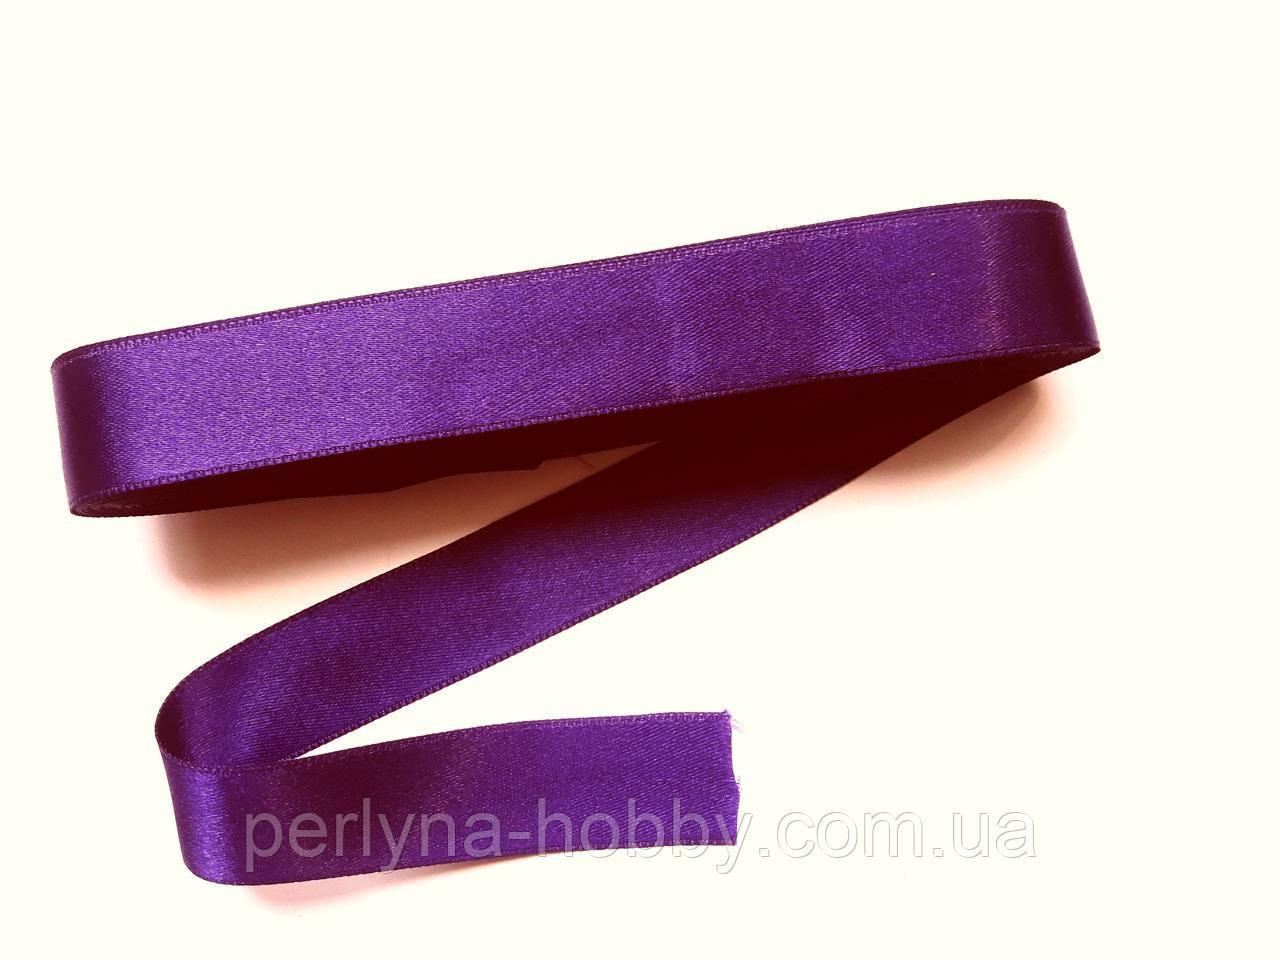 Стрічка атласна  двостороння 2 см Лента атласная двухсторонняя.( 10 метрів), фіолетова